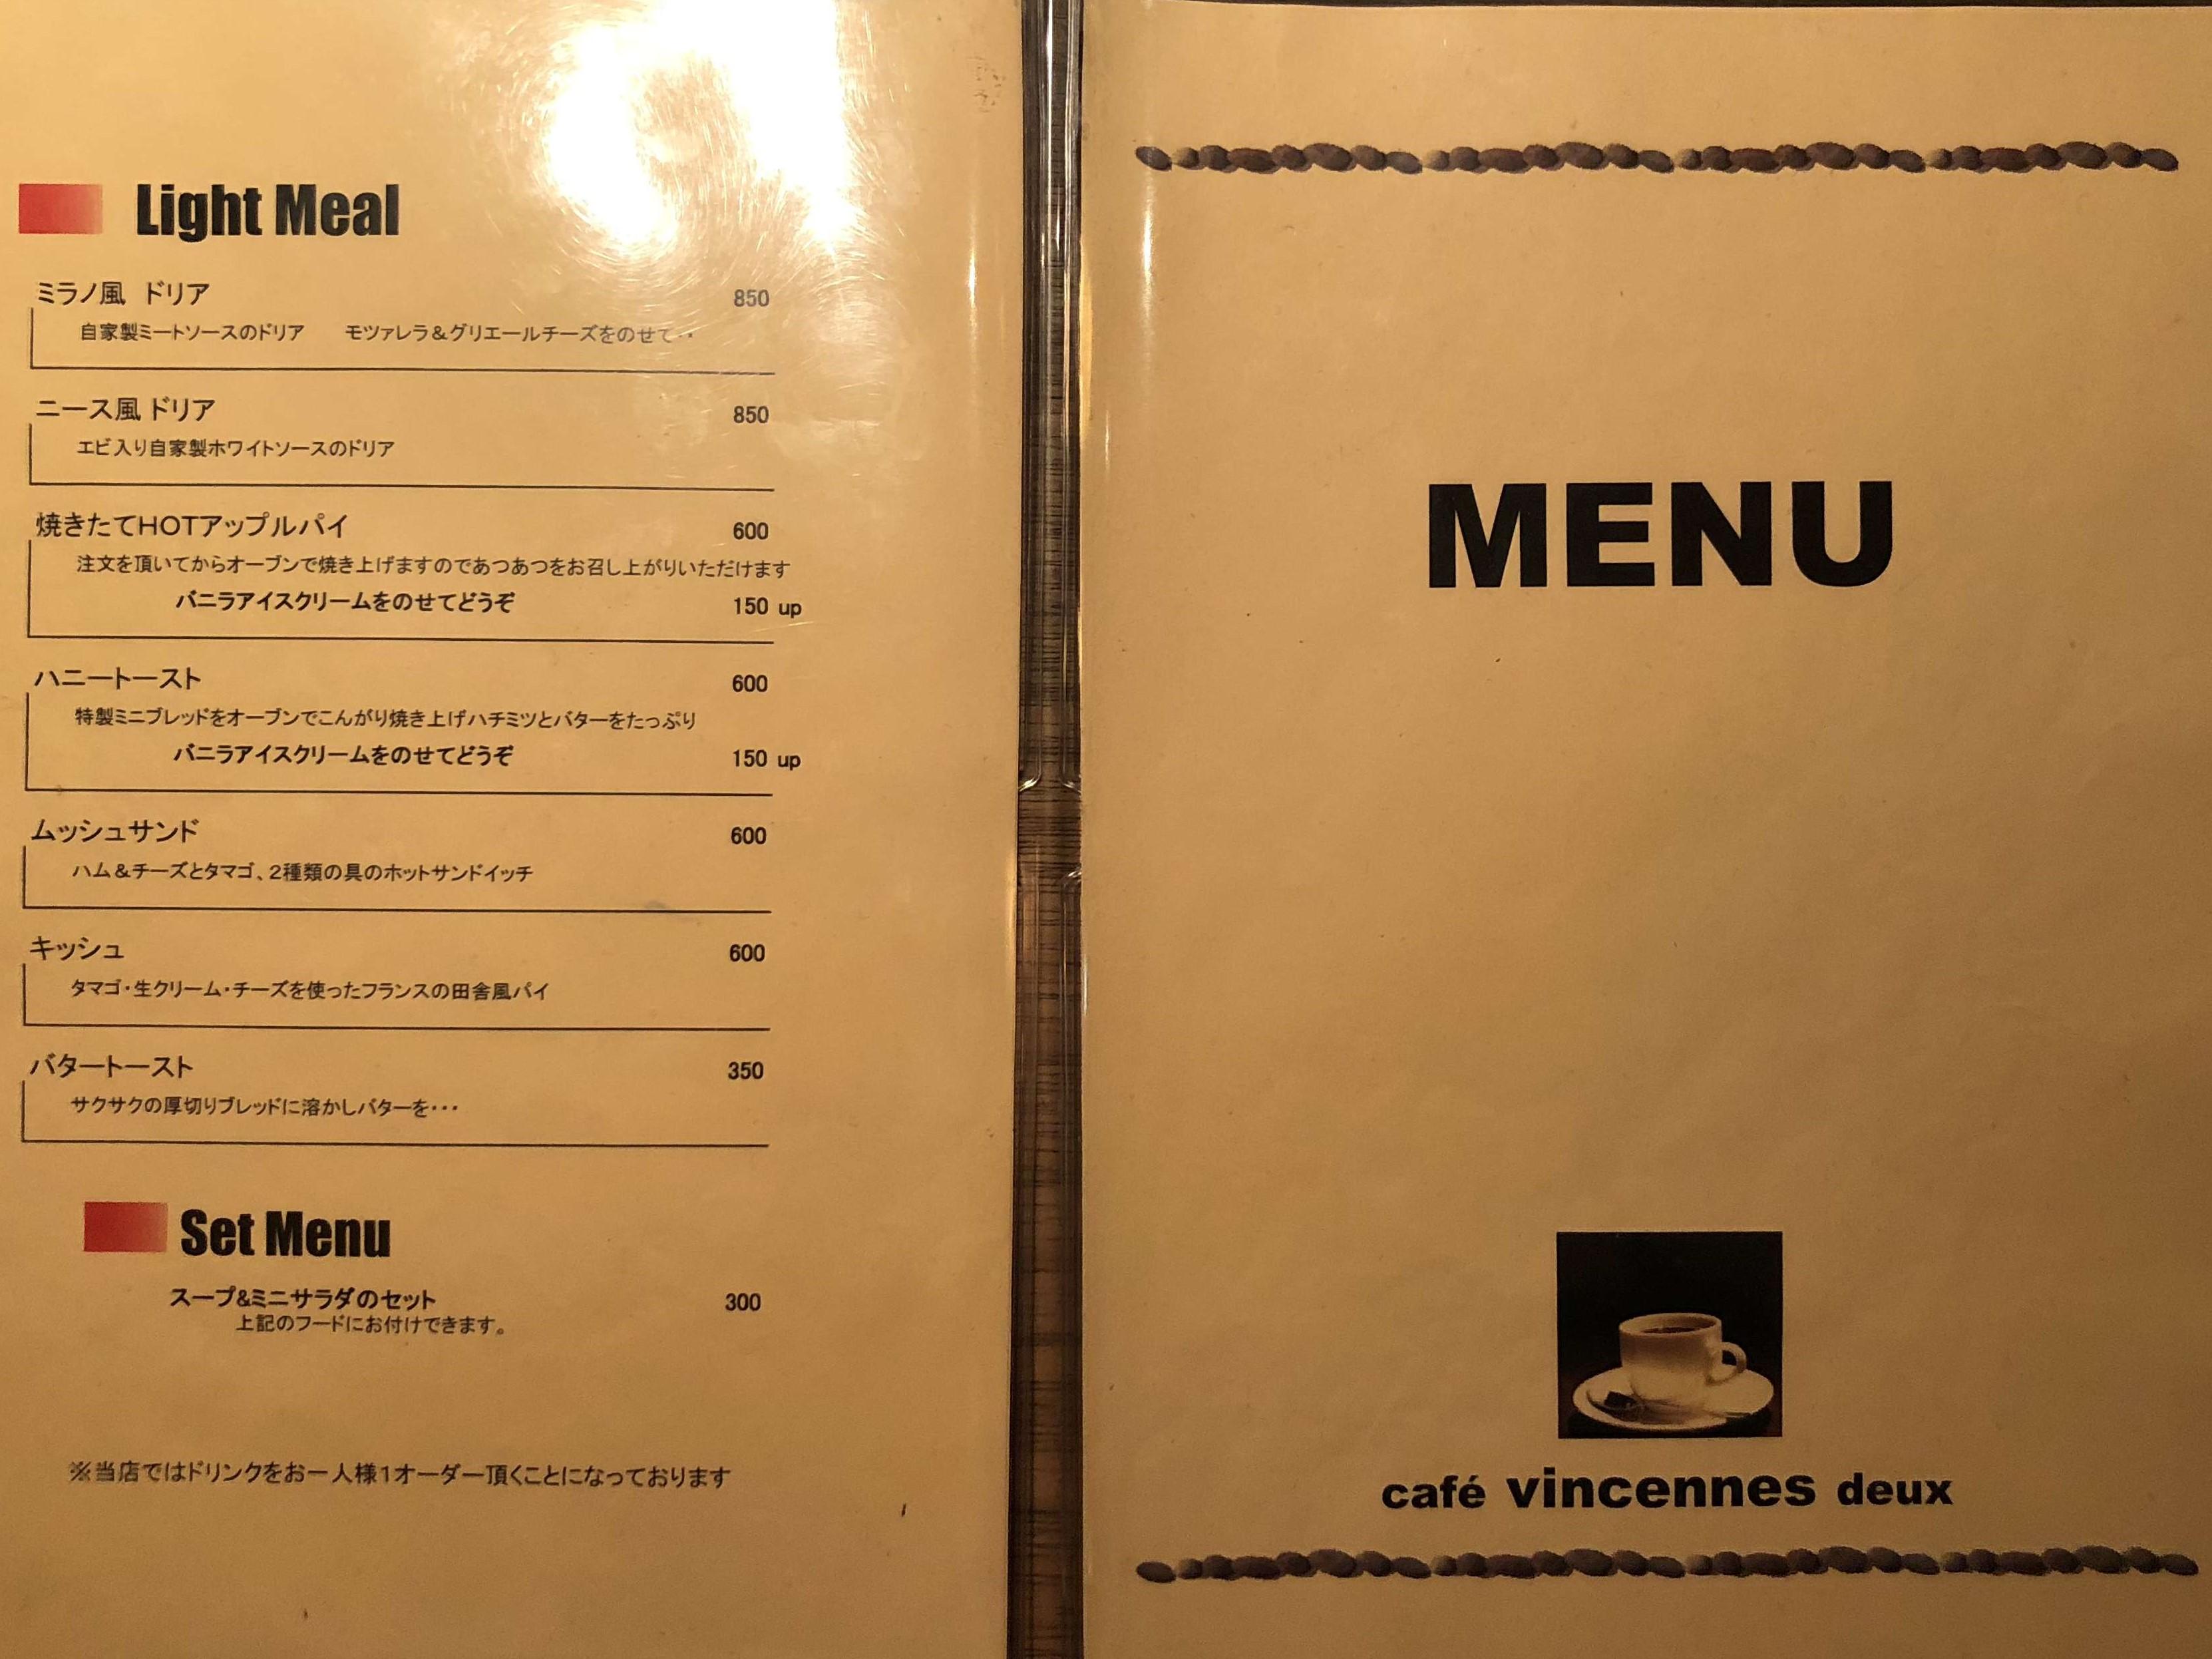 ヴァンサンヌドゥ cafe vincennes deux カフェ ホットアップルパイ ネルドリップコーヒー